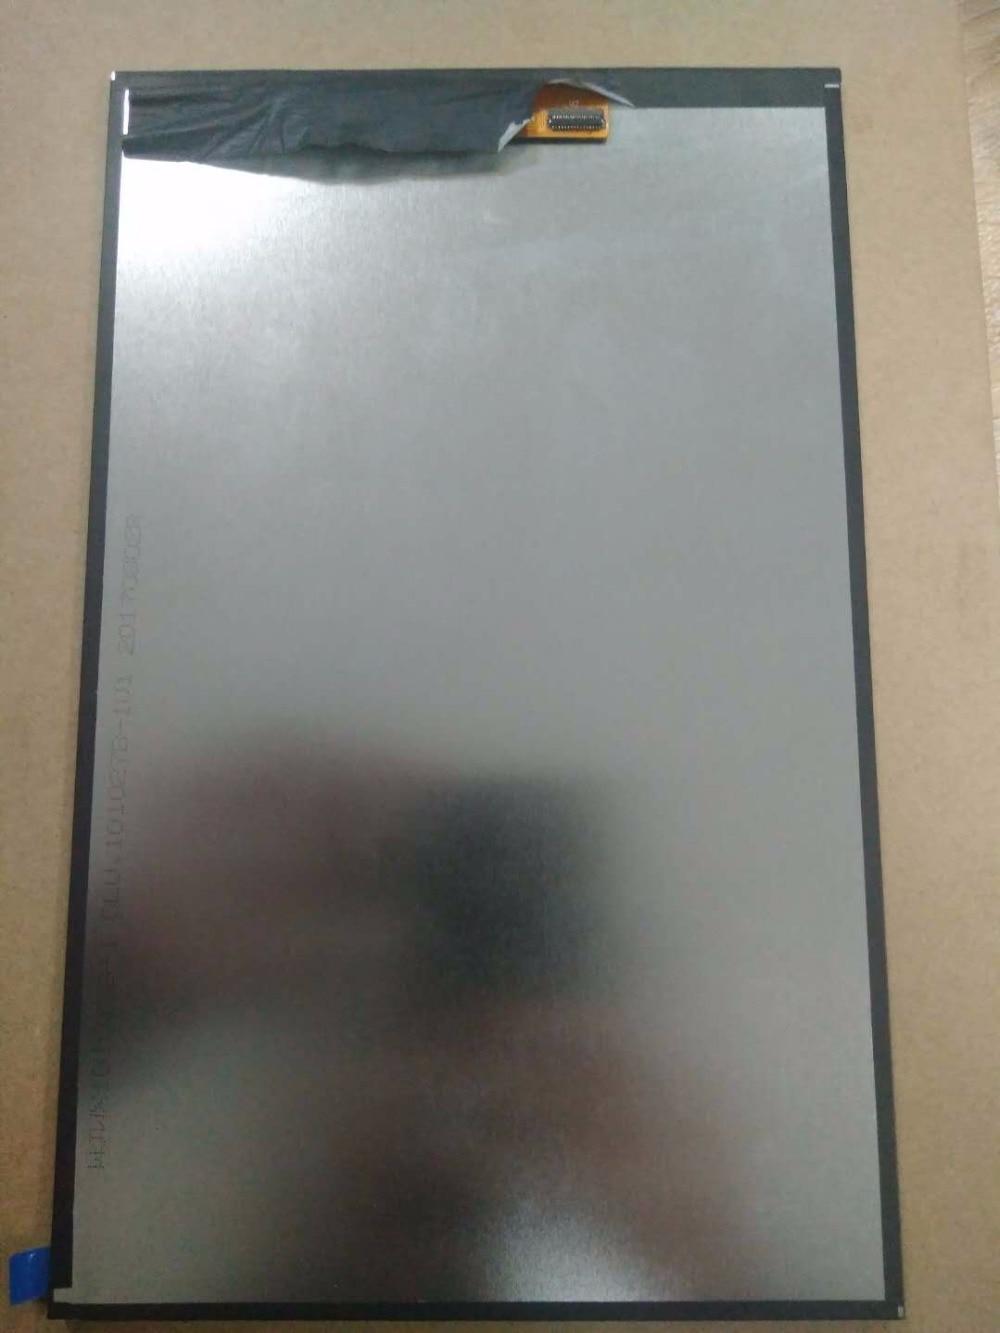 10.1 inch LCD Screen display matrix FPCA.101027BV1  FPCA-101027BV1 WJWX101027B-1 wjwx101027b-5 BLU.101027B-1V1  For tablet parts